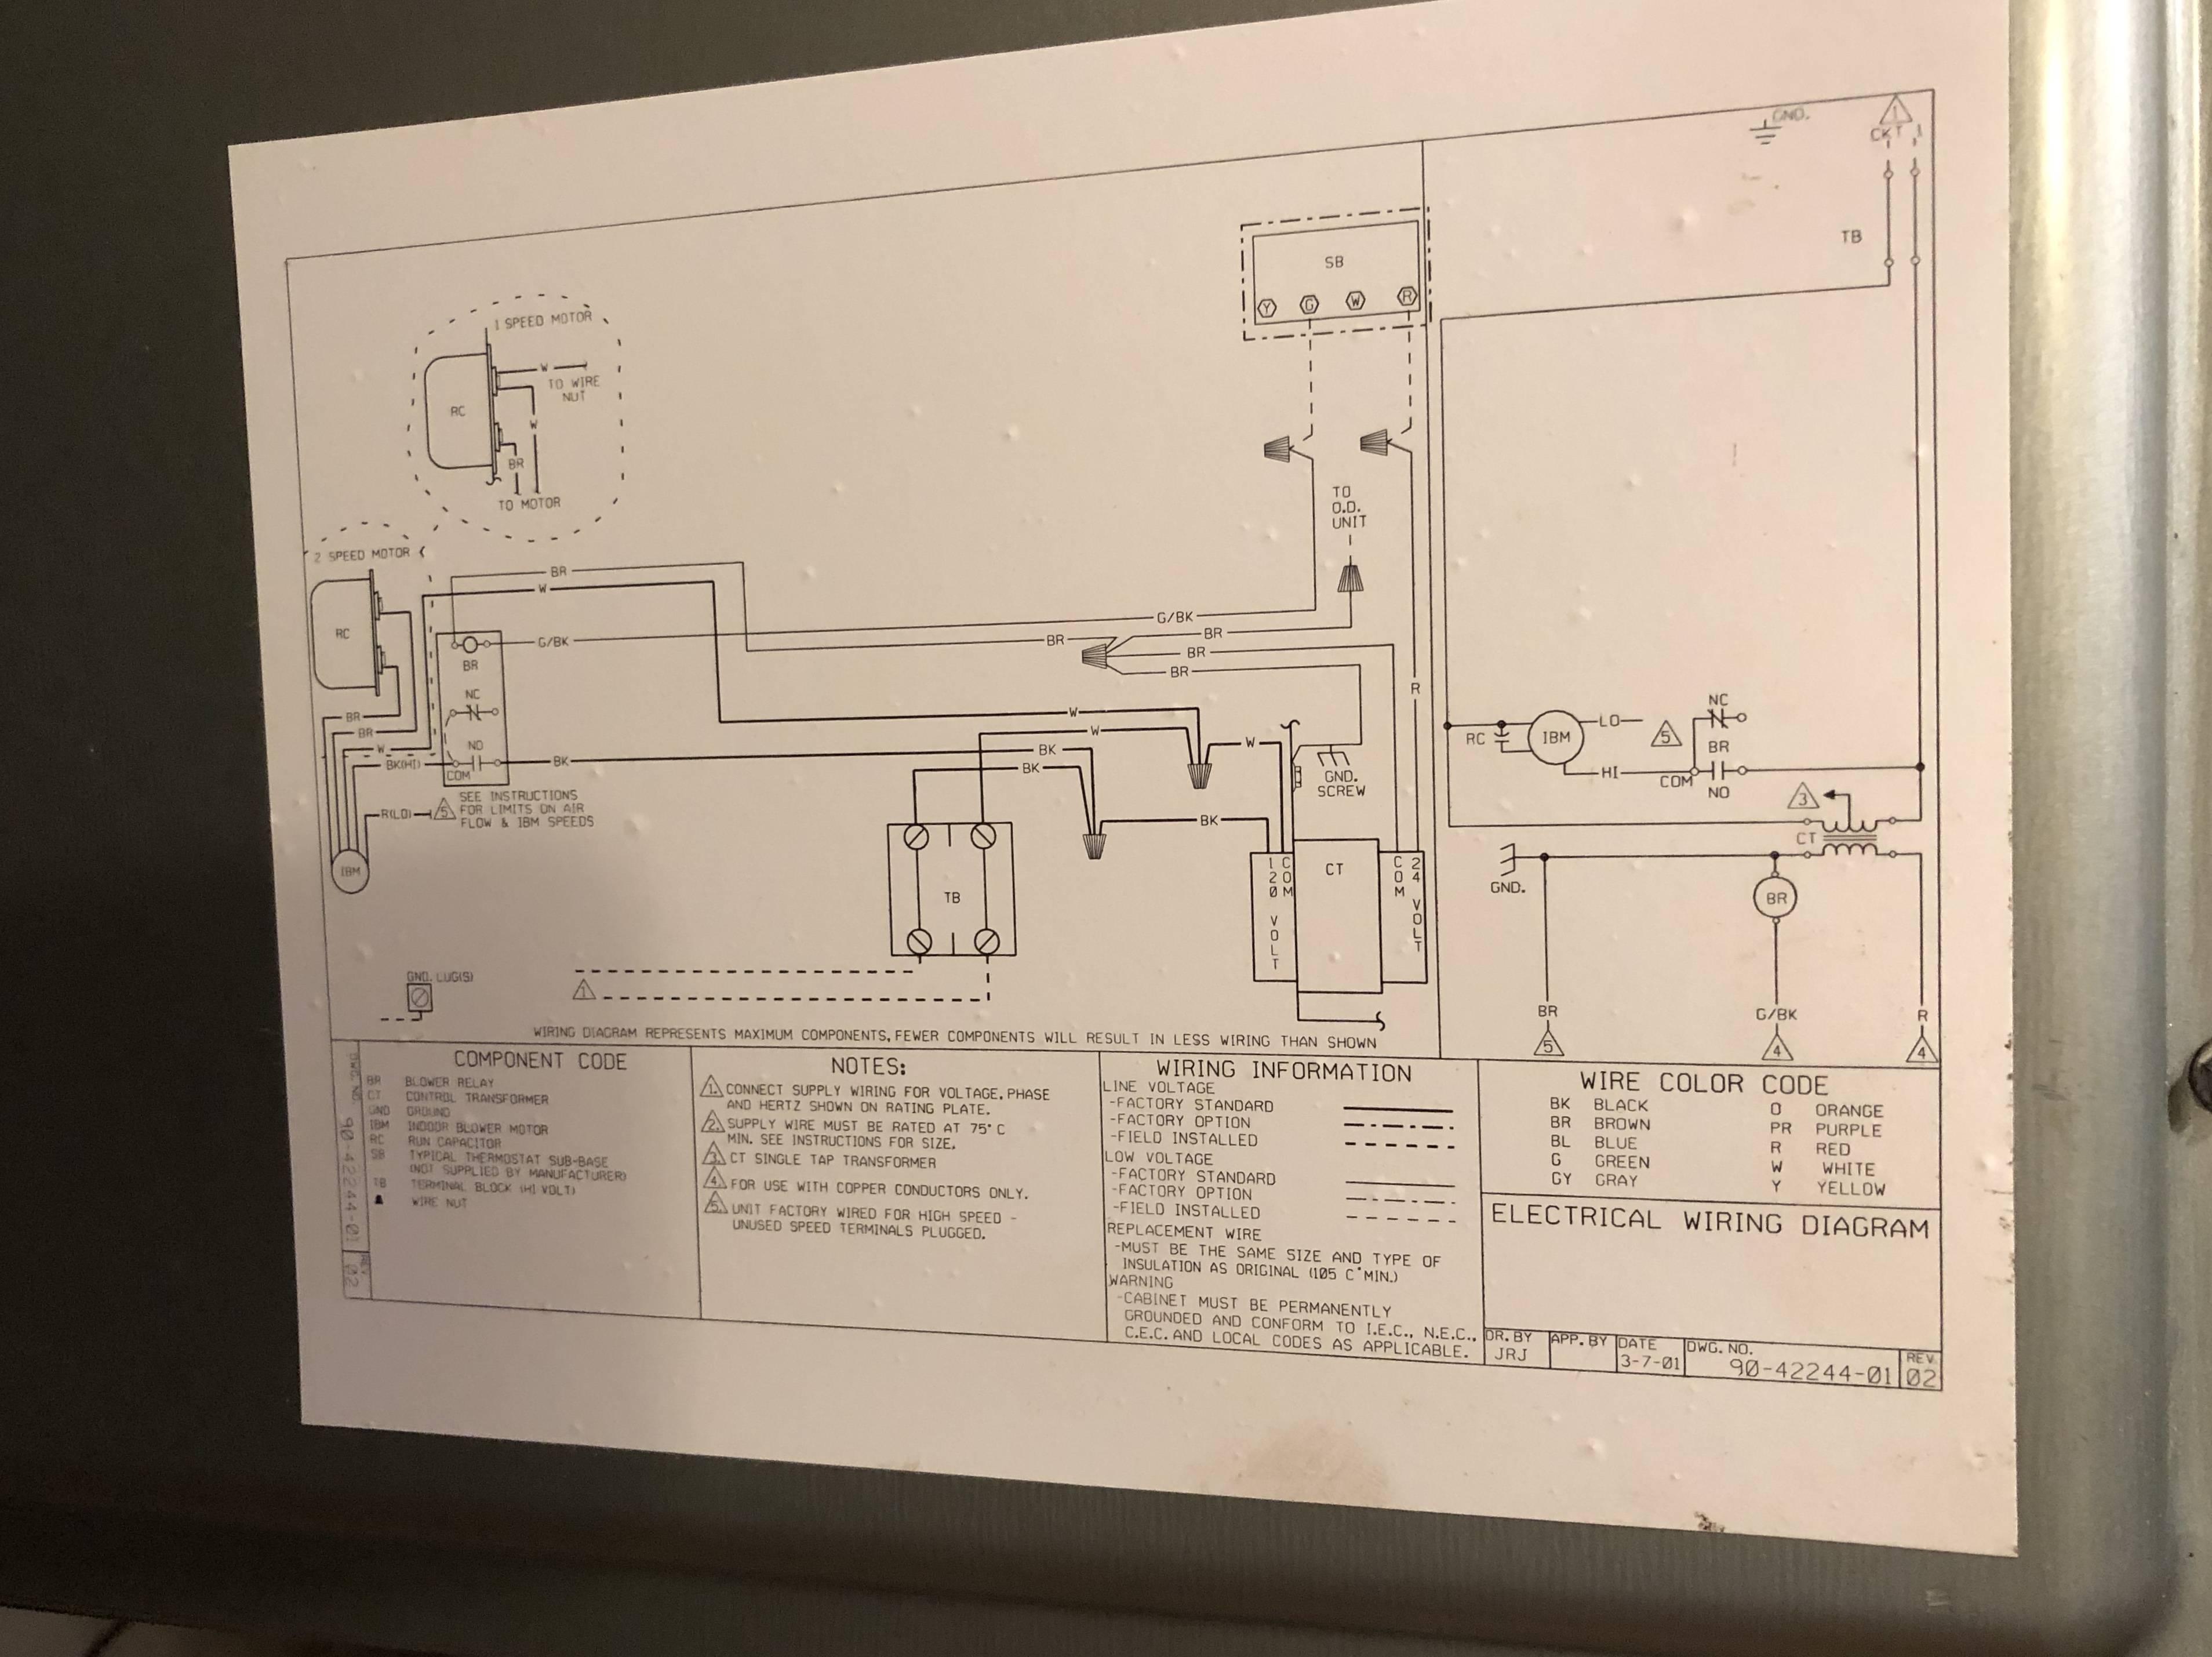 Carrier Air Handler Wiring Diagram On Air Handler Wiring Diagrams